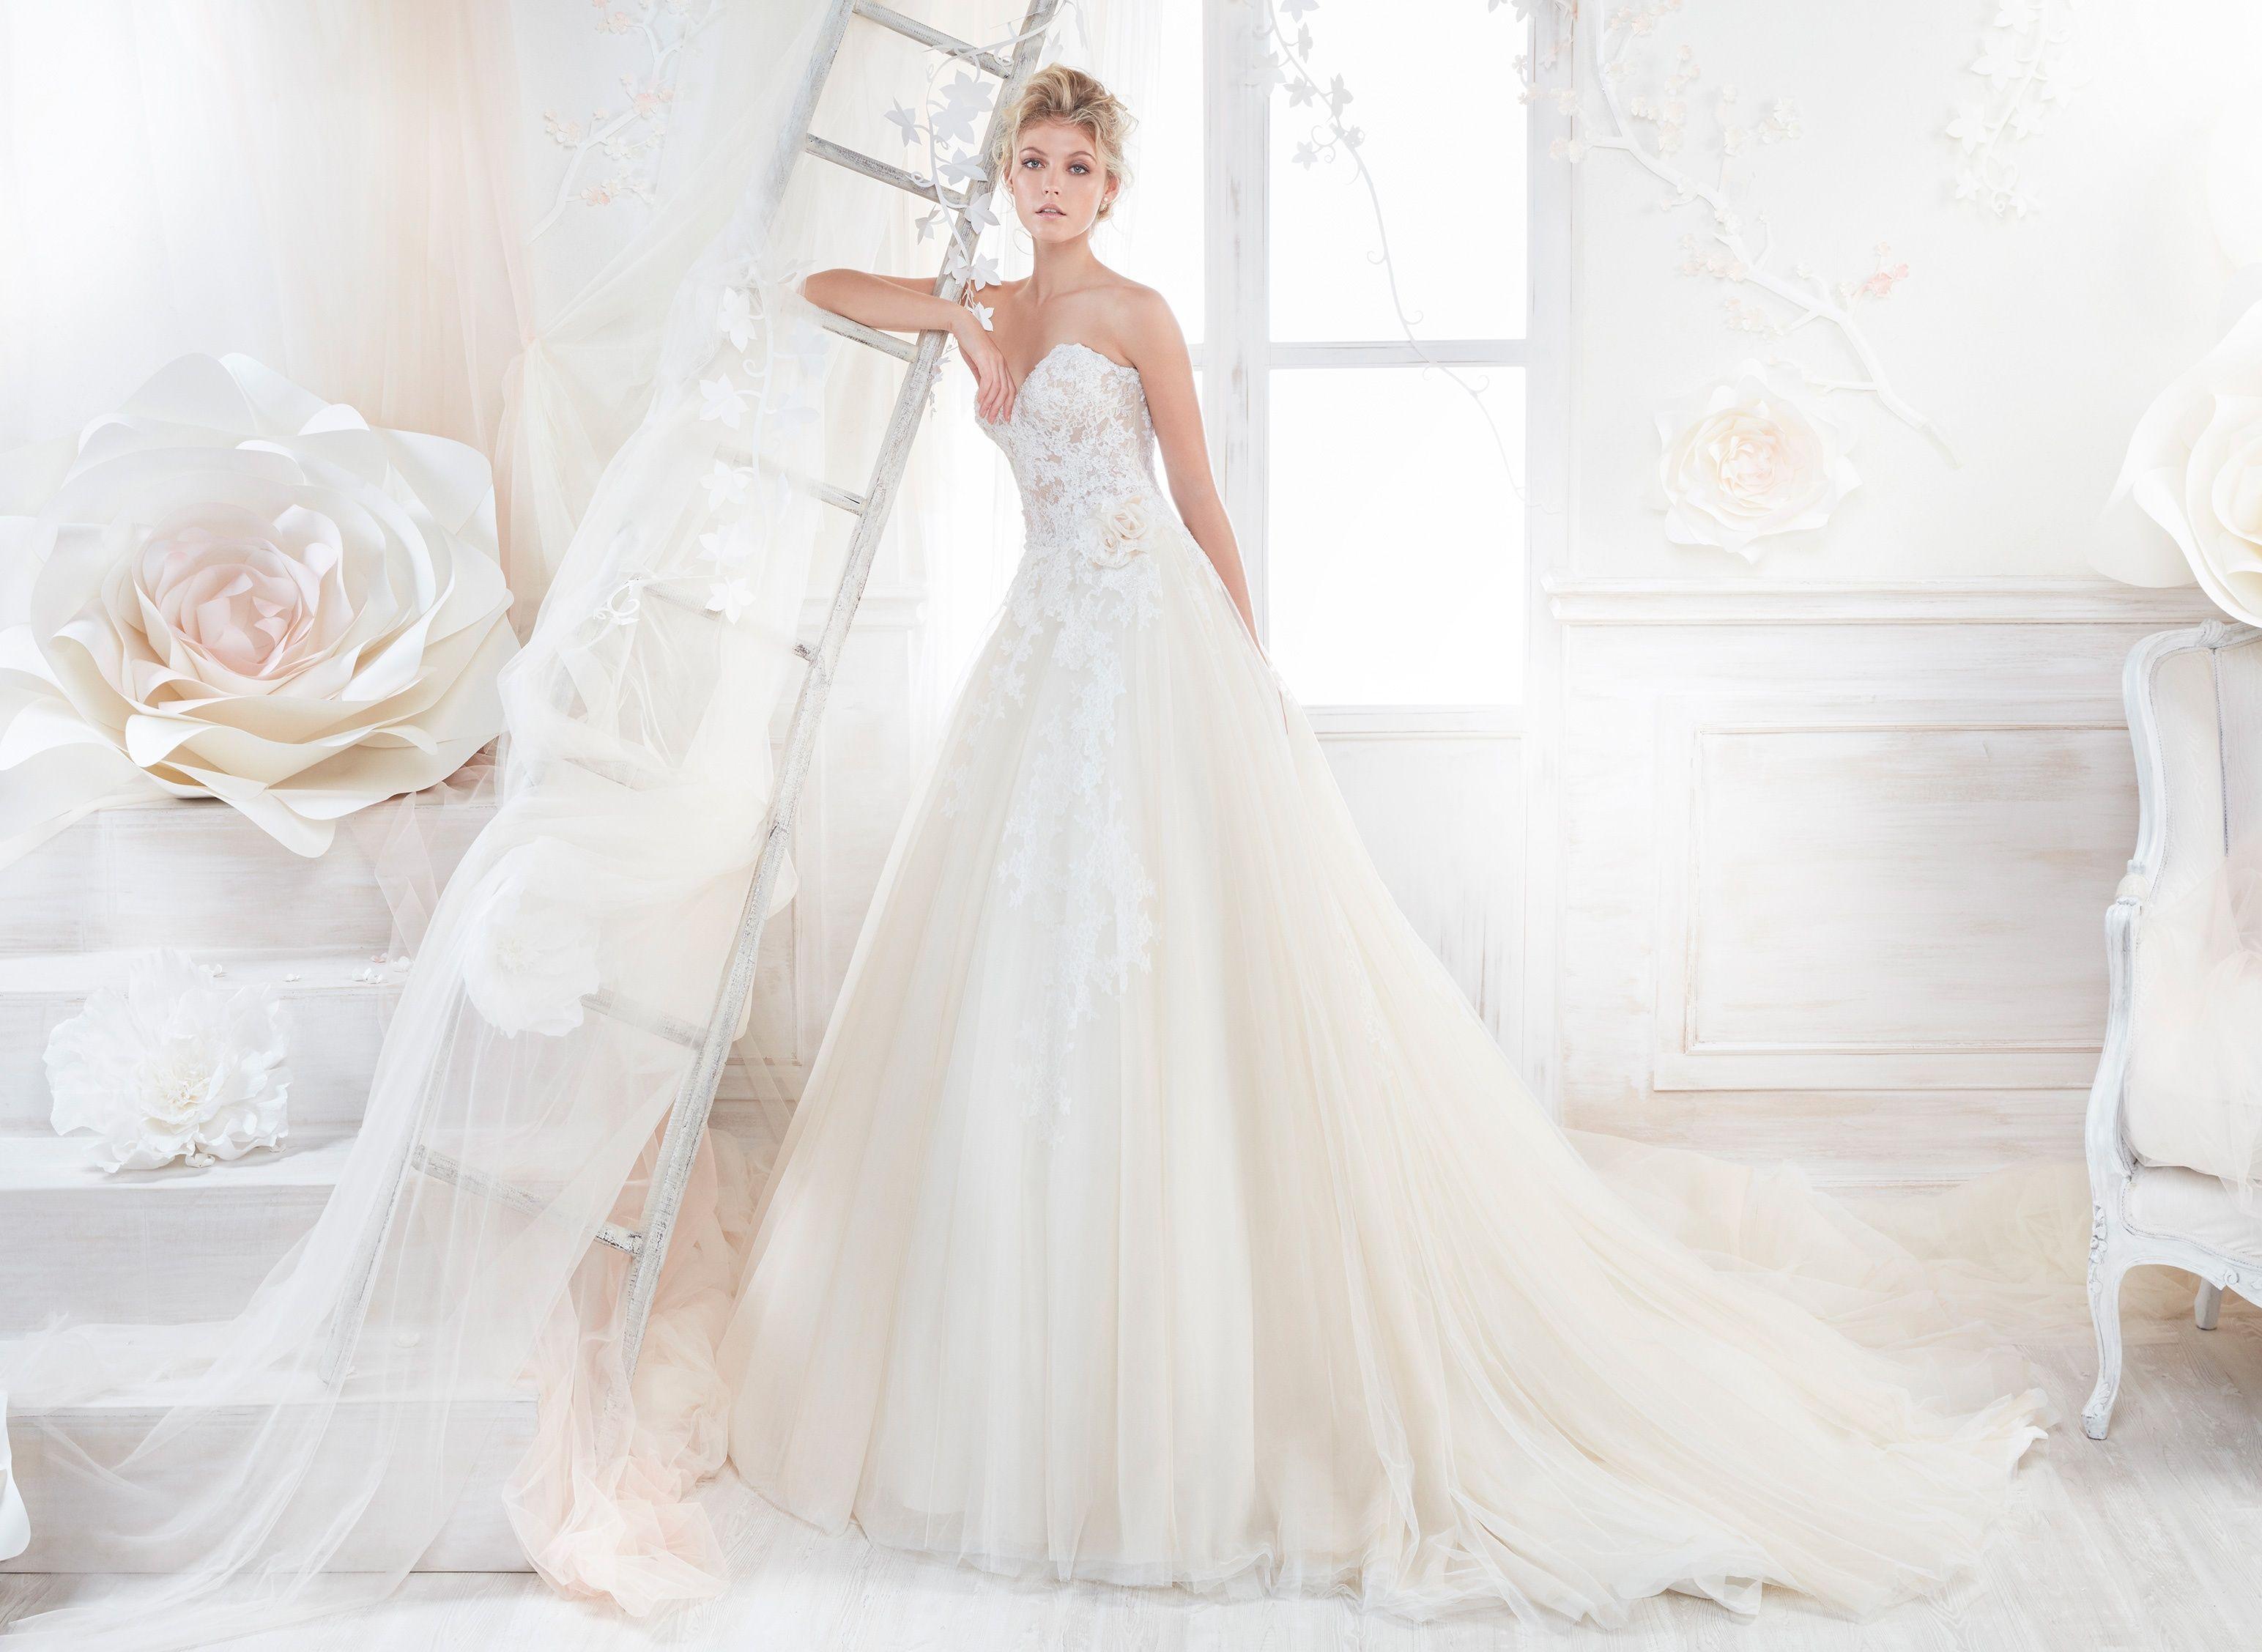 Moda Sposa 2018 Collezione Colet Coab18250 Abito Da Sposa Nicole Abiti Da Sposa Sposa Stile Di Moda